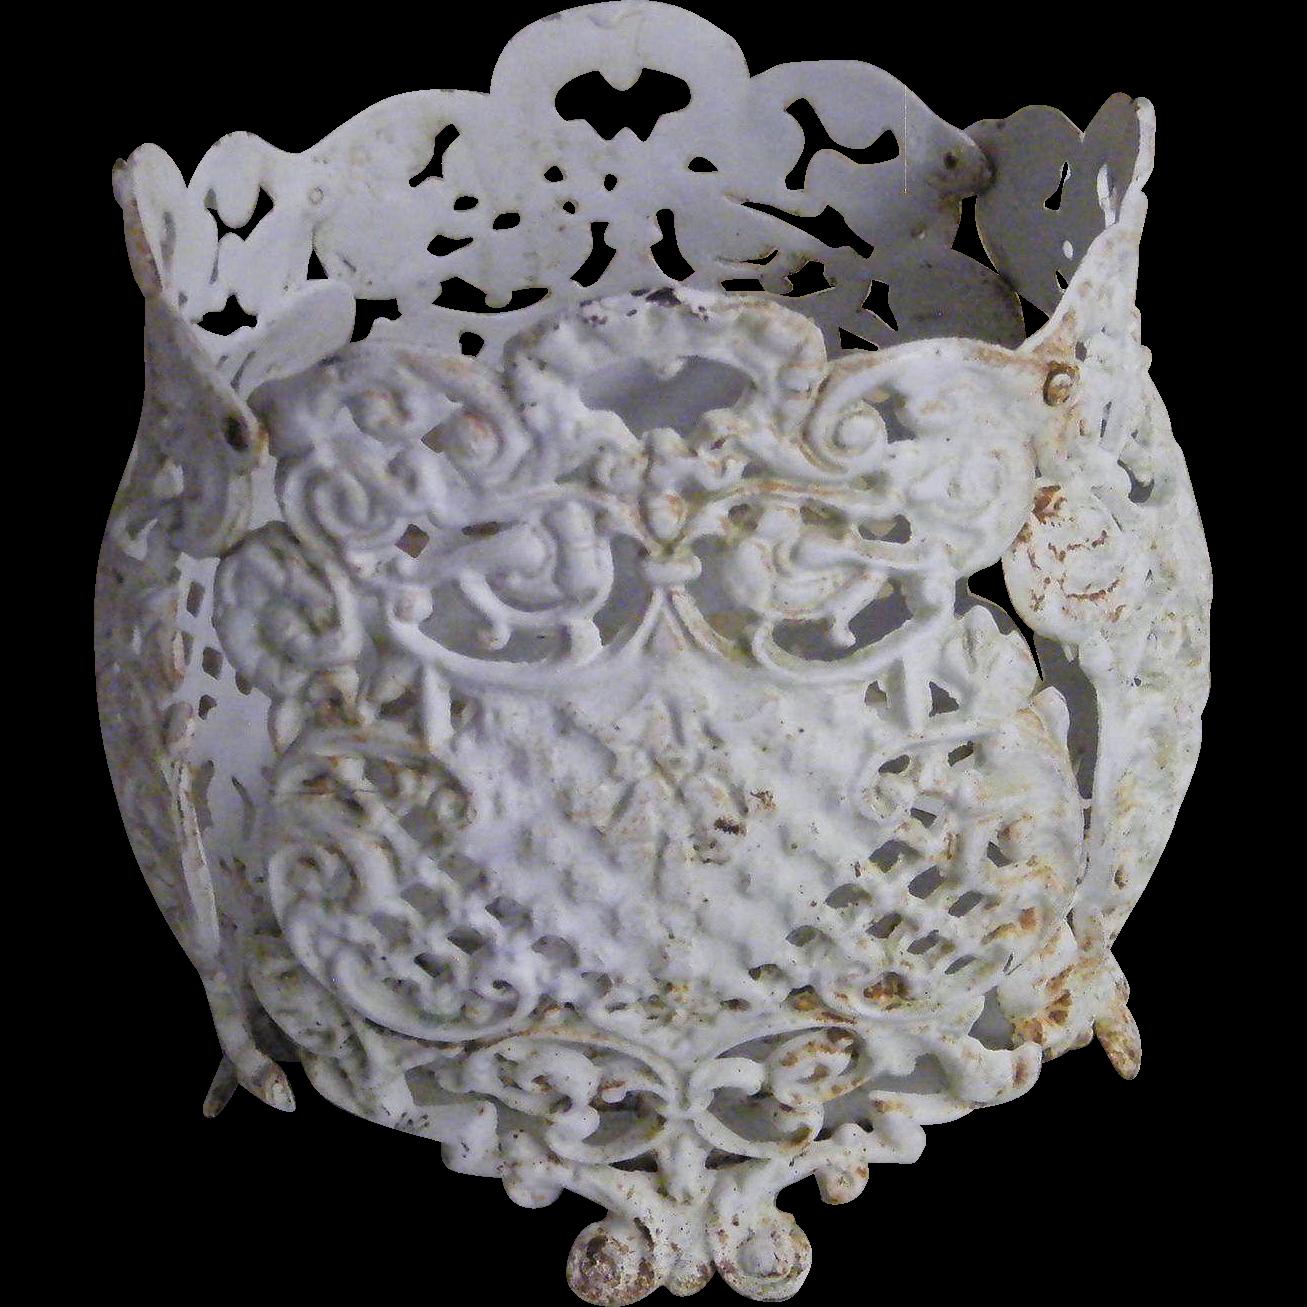 Vintage Garden Decorative Iron Flower Pots 3 Pots Available